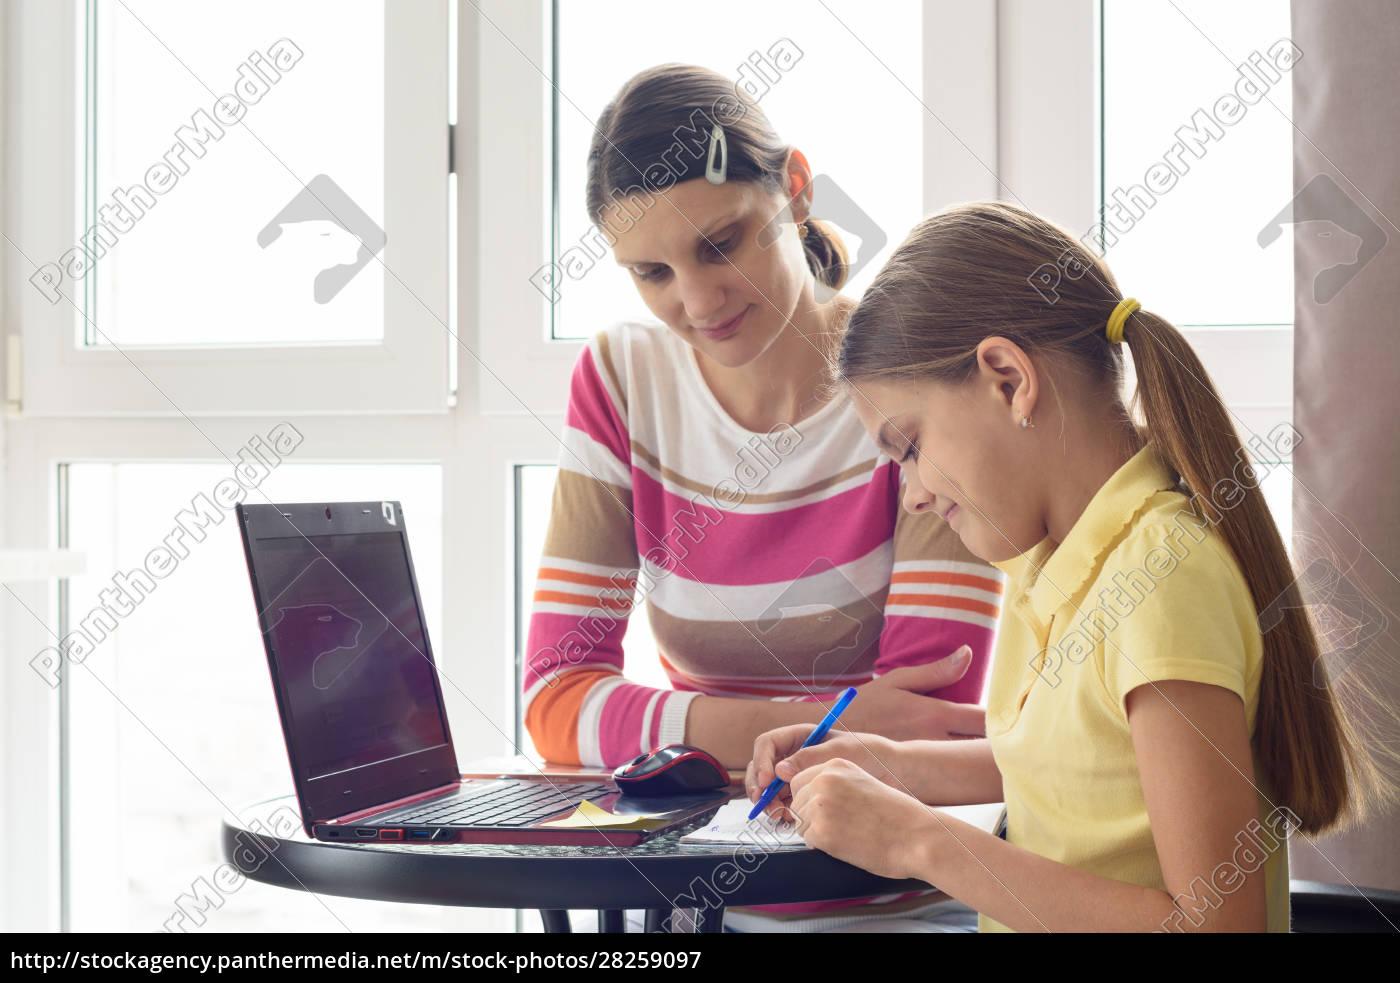 a, tutor, teaches, a, child, at - 28259097